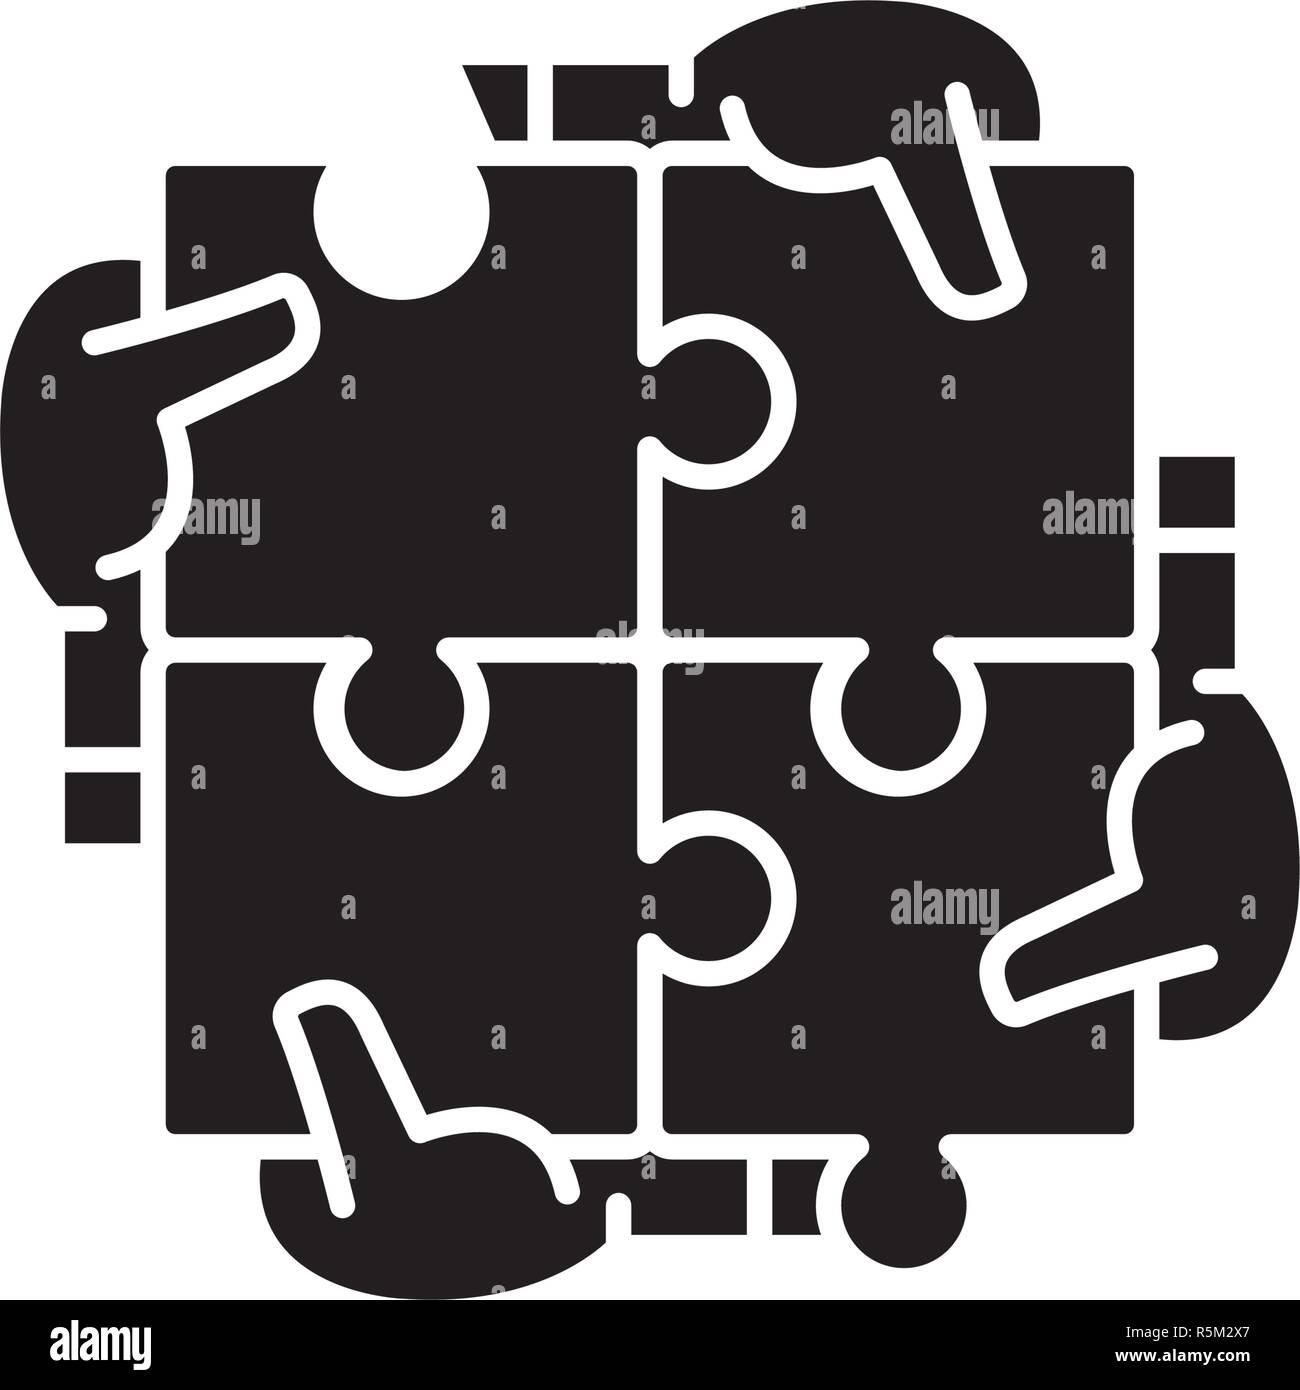 Sinergia empresarial icono negro, signo de vectores de fondo aislados. Concepto de sinergia empresarial, símbolo de la ilustración Imagen De Stock